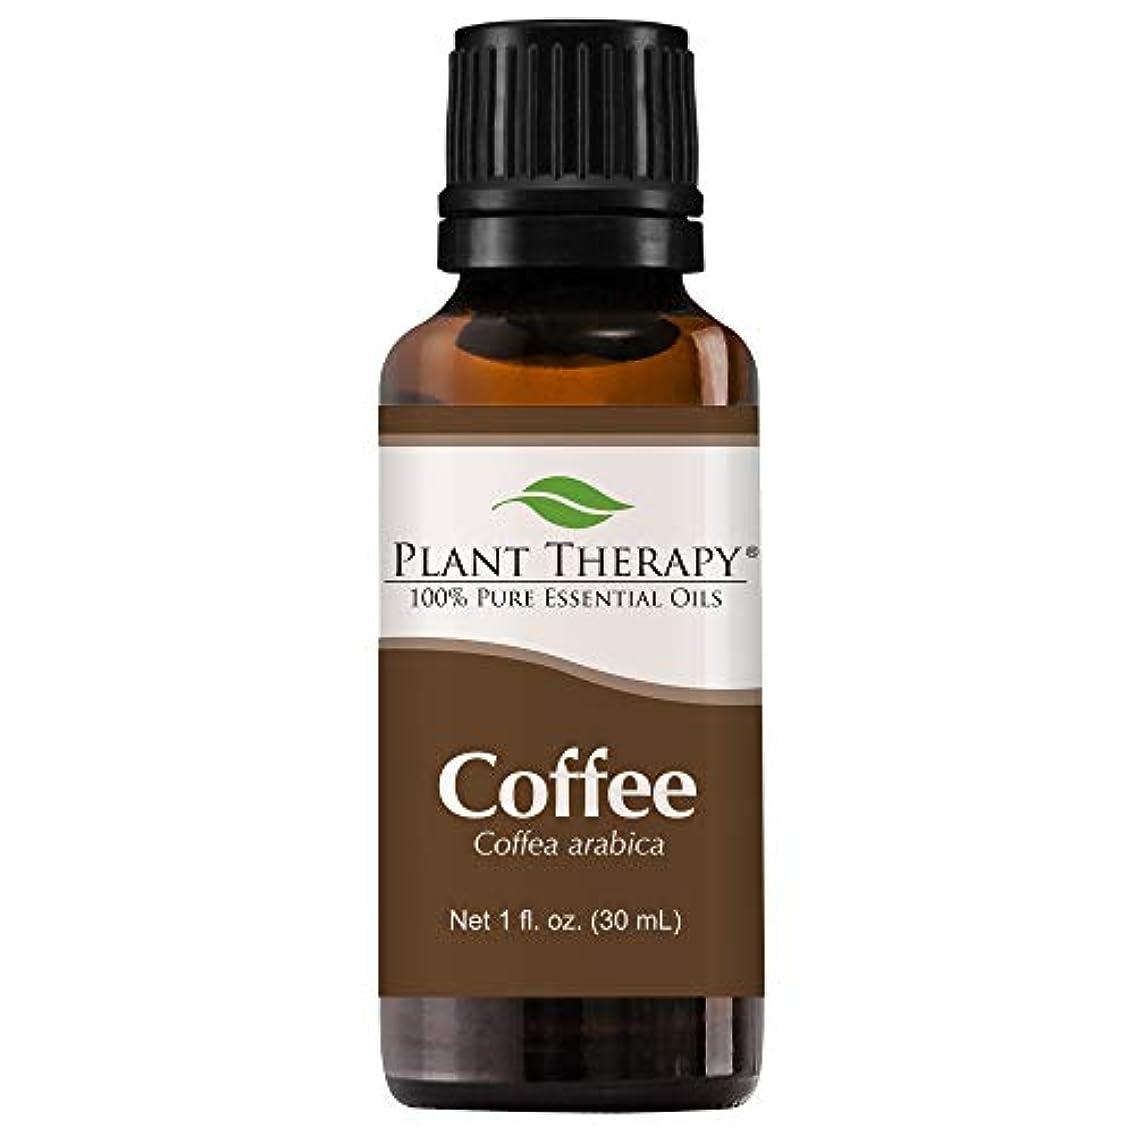 お風呂を持っている邪悪な傷つけるCoffee Essential Oil. 30 ml (1 oz). 100% Pure, Undiluted, Therapeutic Grade. by Plant Therapy Essential Oils